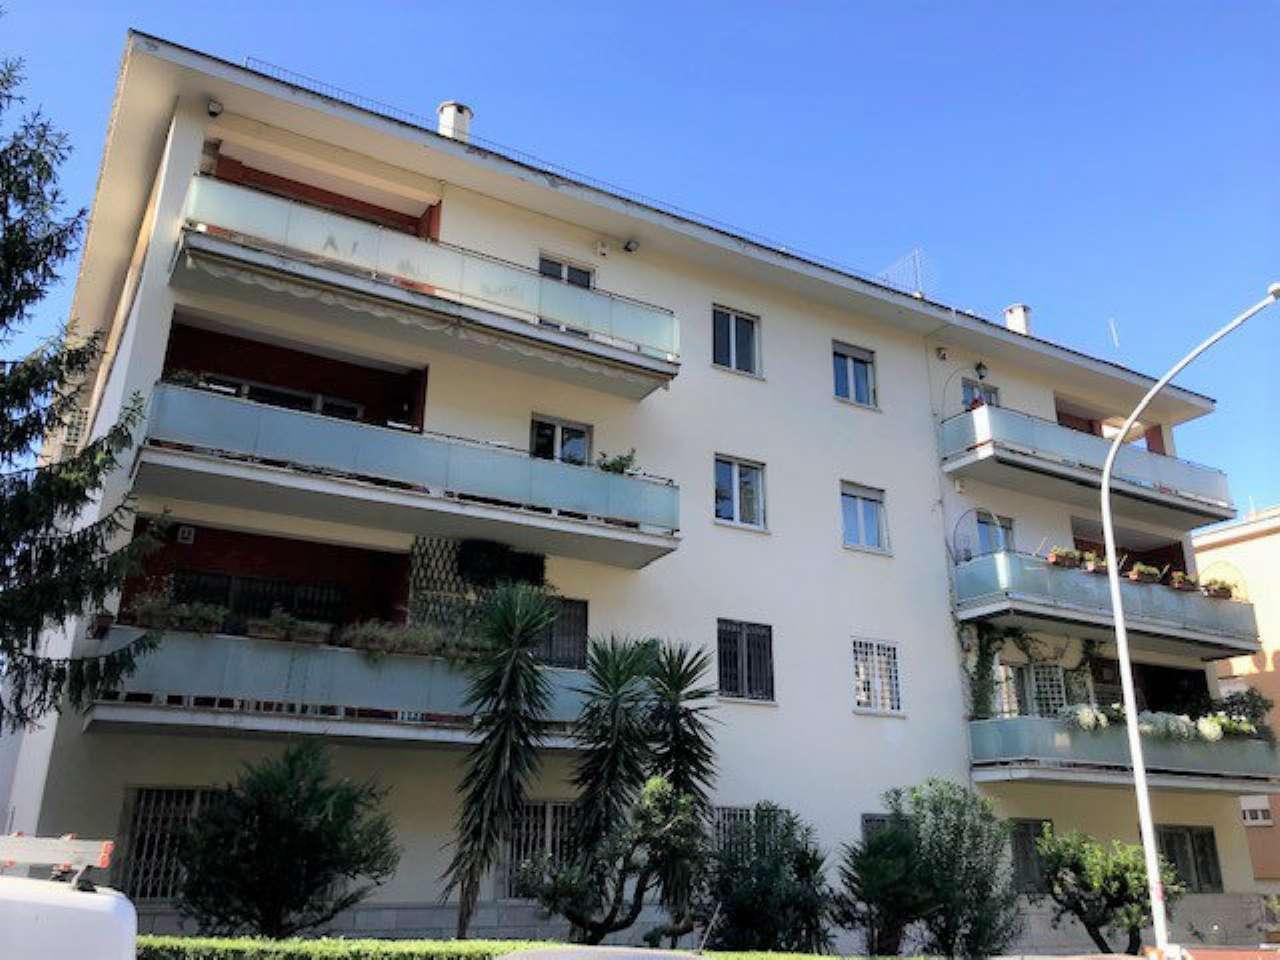 Appartamento in vendita a Roma, 4 locali, zona Zona: 2 . Flaminio, Parioli, Pinciano, Villa Borghese, prezzo € 815.000 | CambioCasa.it